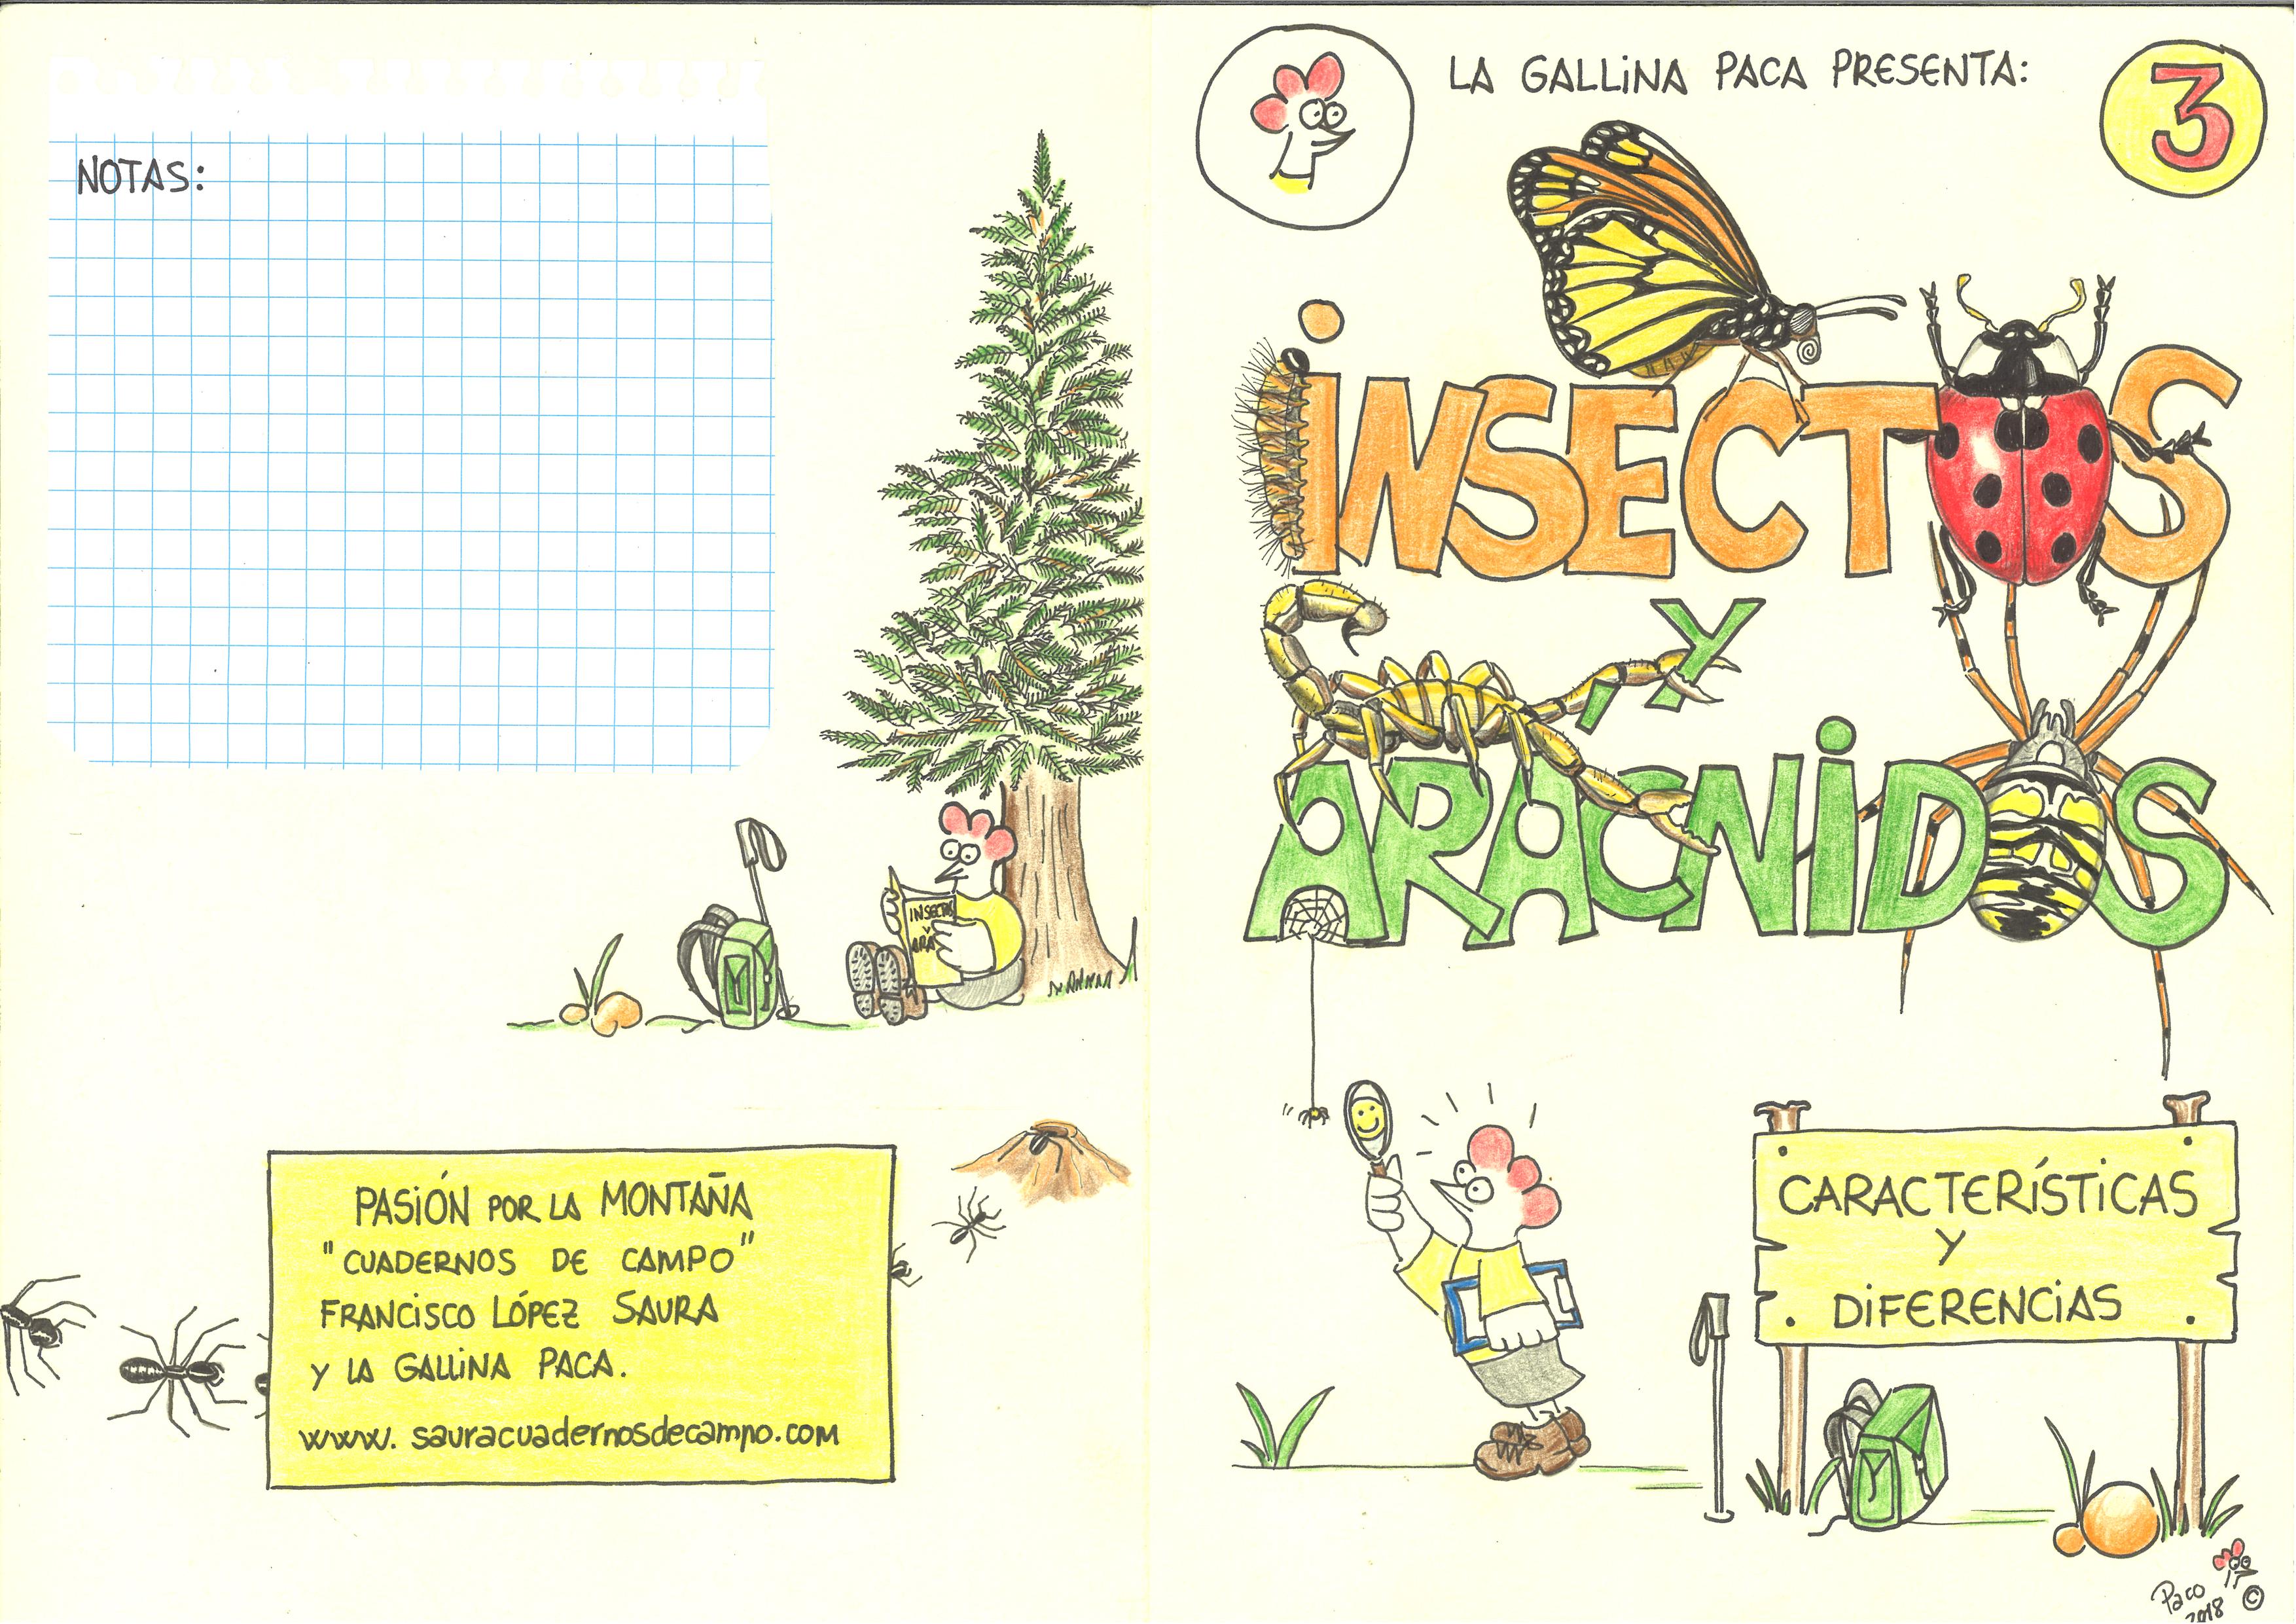 3-Insectos y Arácnidos (exterior)